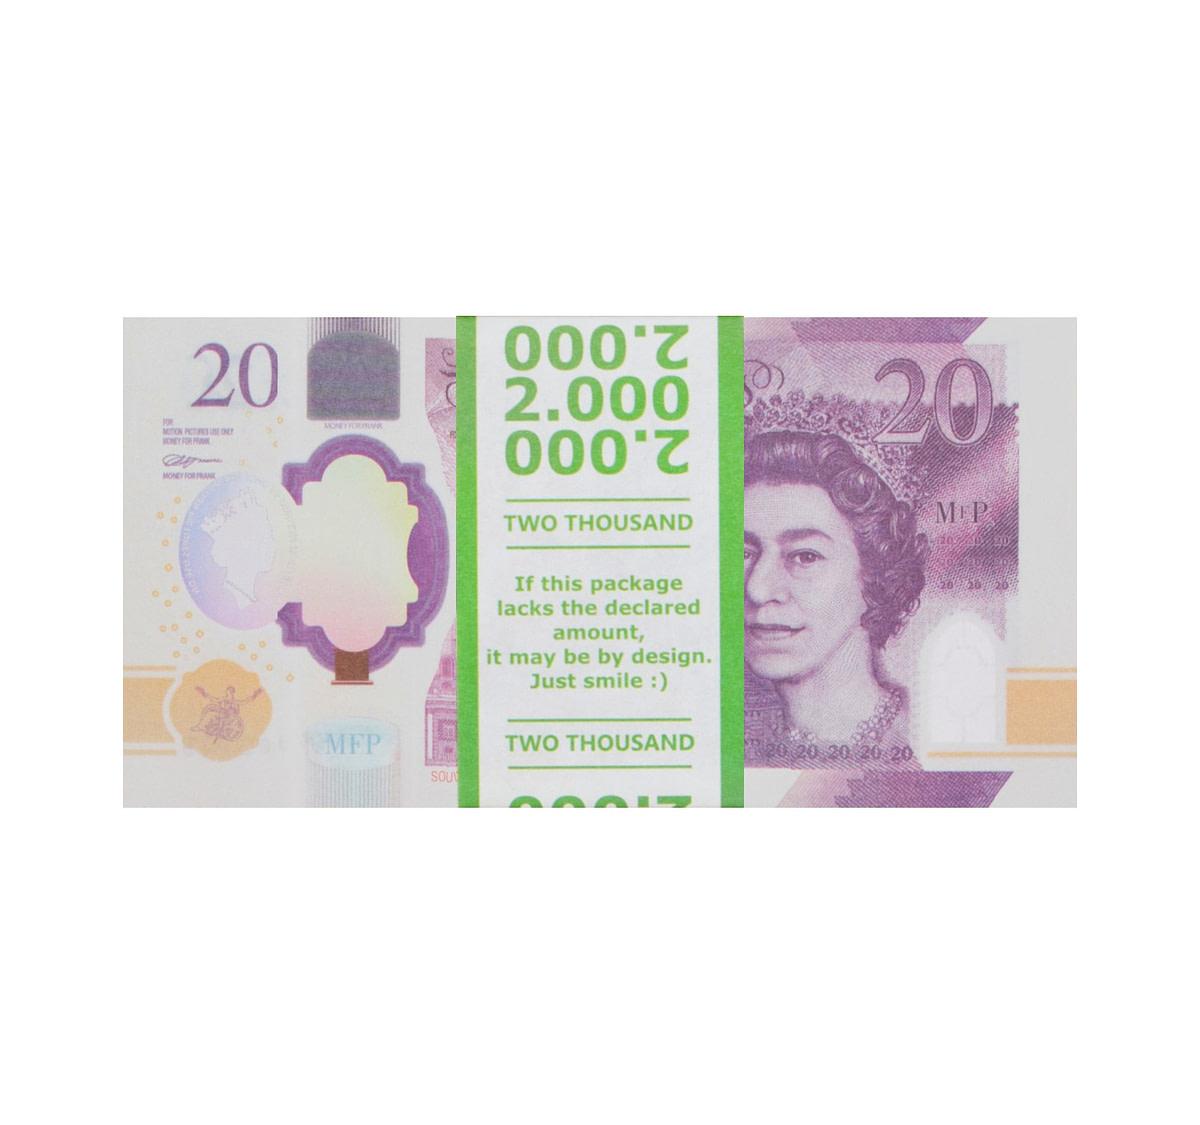 acheter NOUVELLE 20 livres sterling pile de 100 faux billets face avant